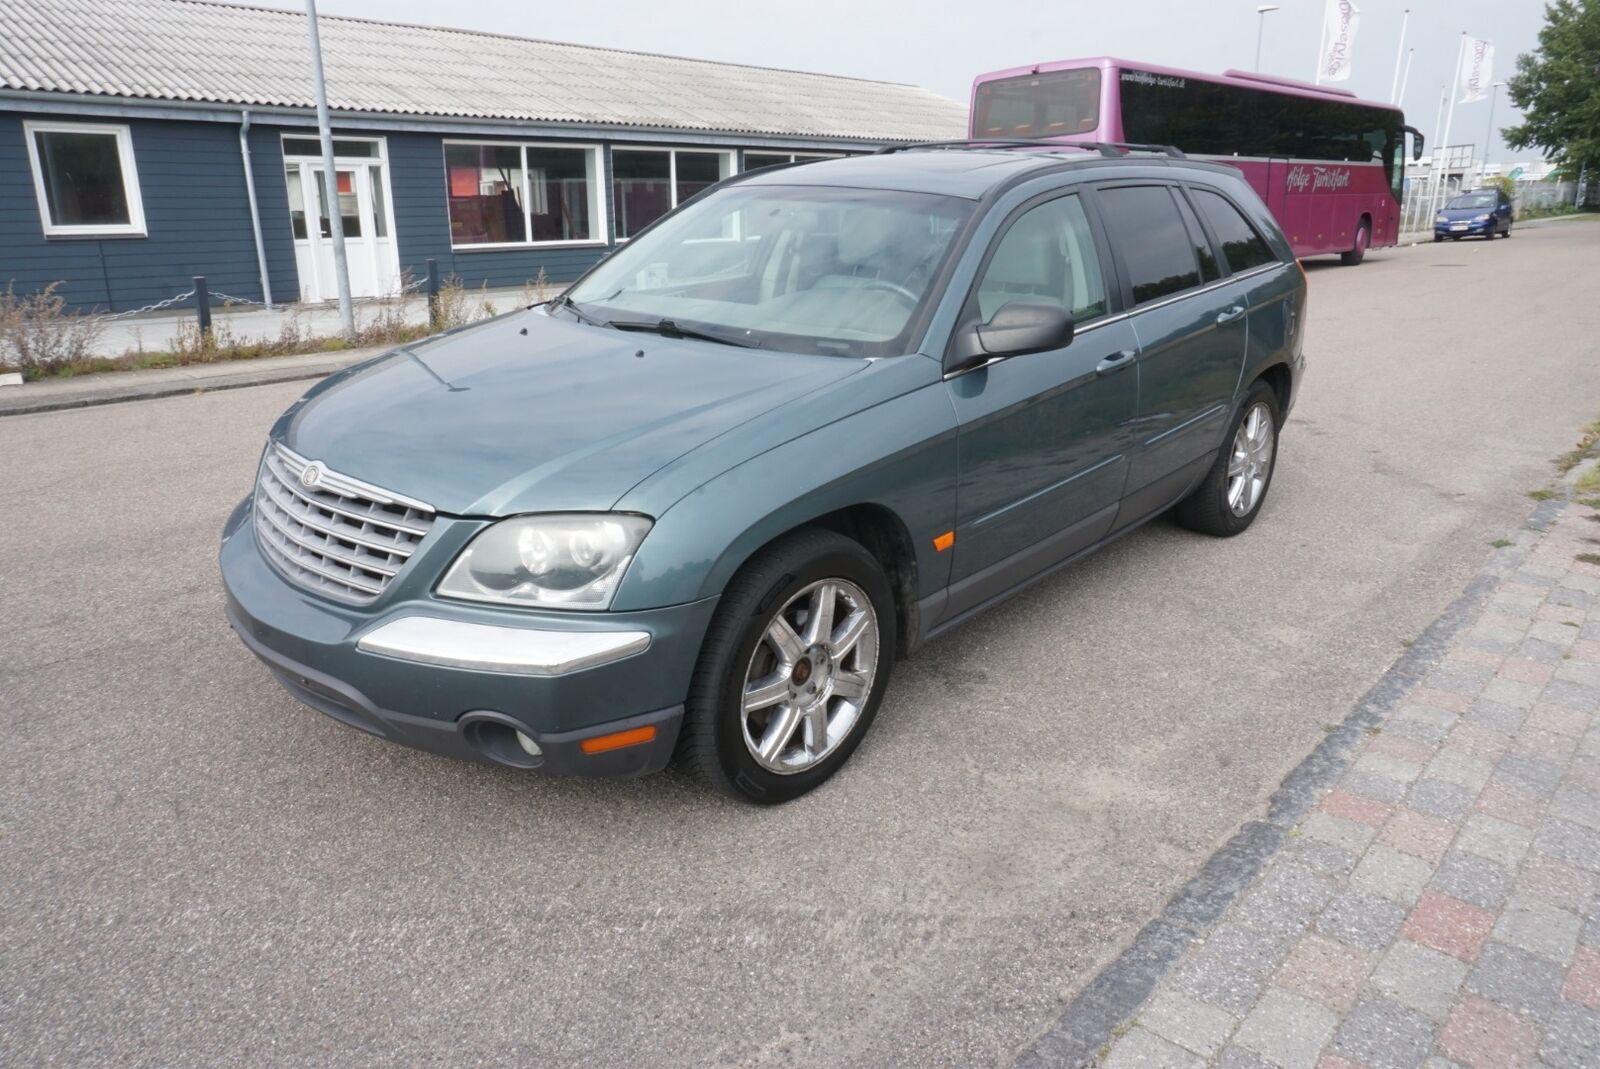 Chrysler Pacifica 3,5 aut. 4x4 5d - 129.900 kr.